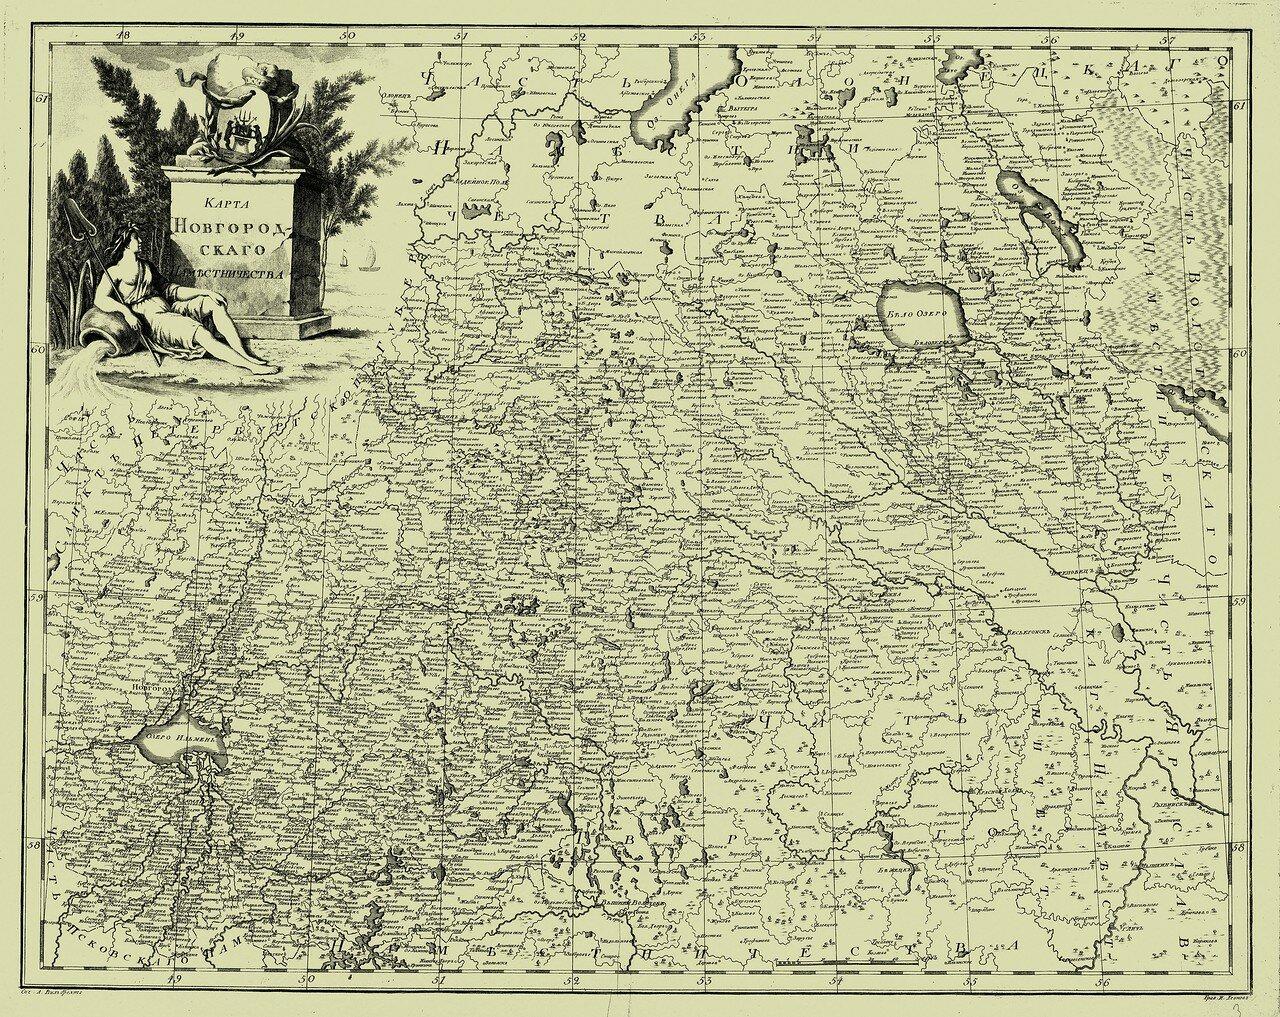 03. Карта Новгородского наместничества